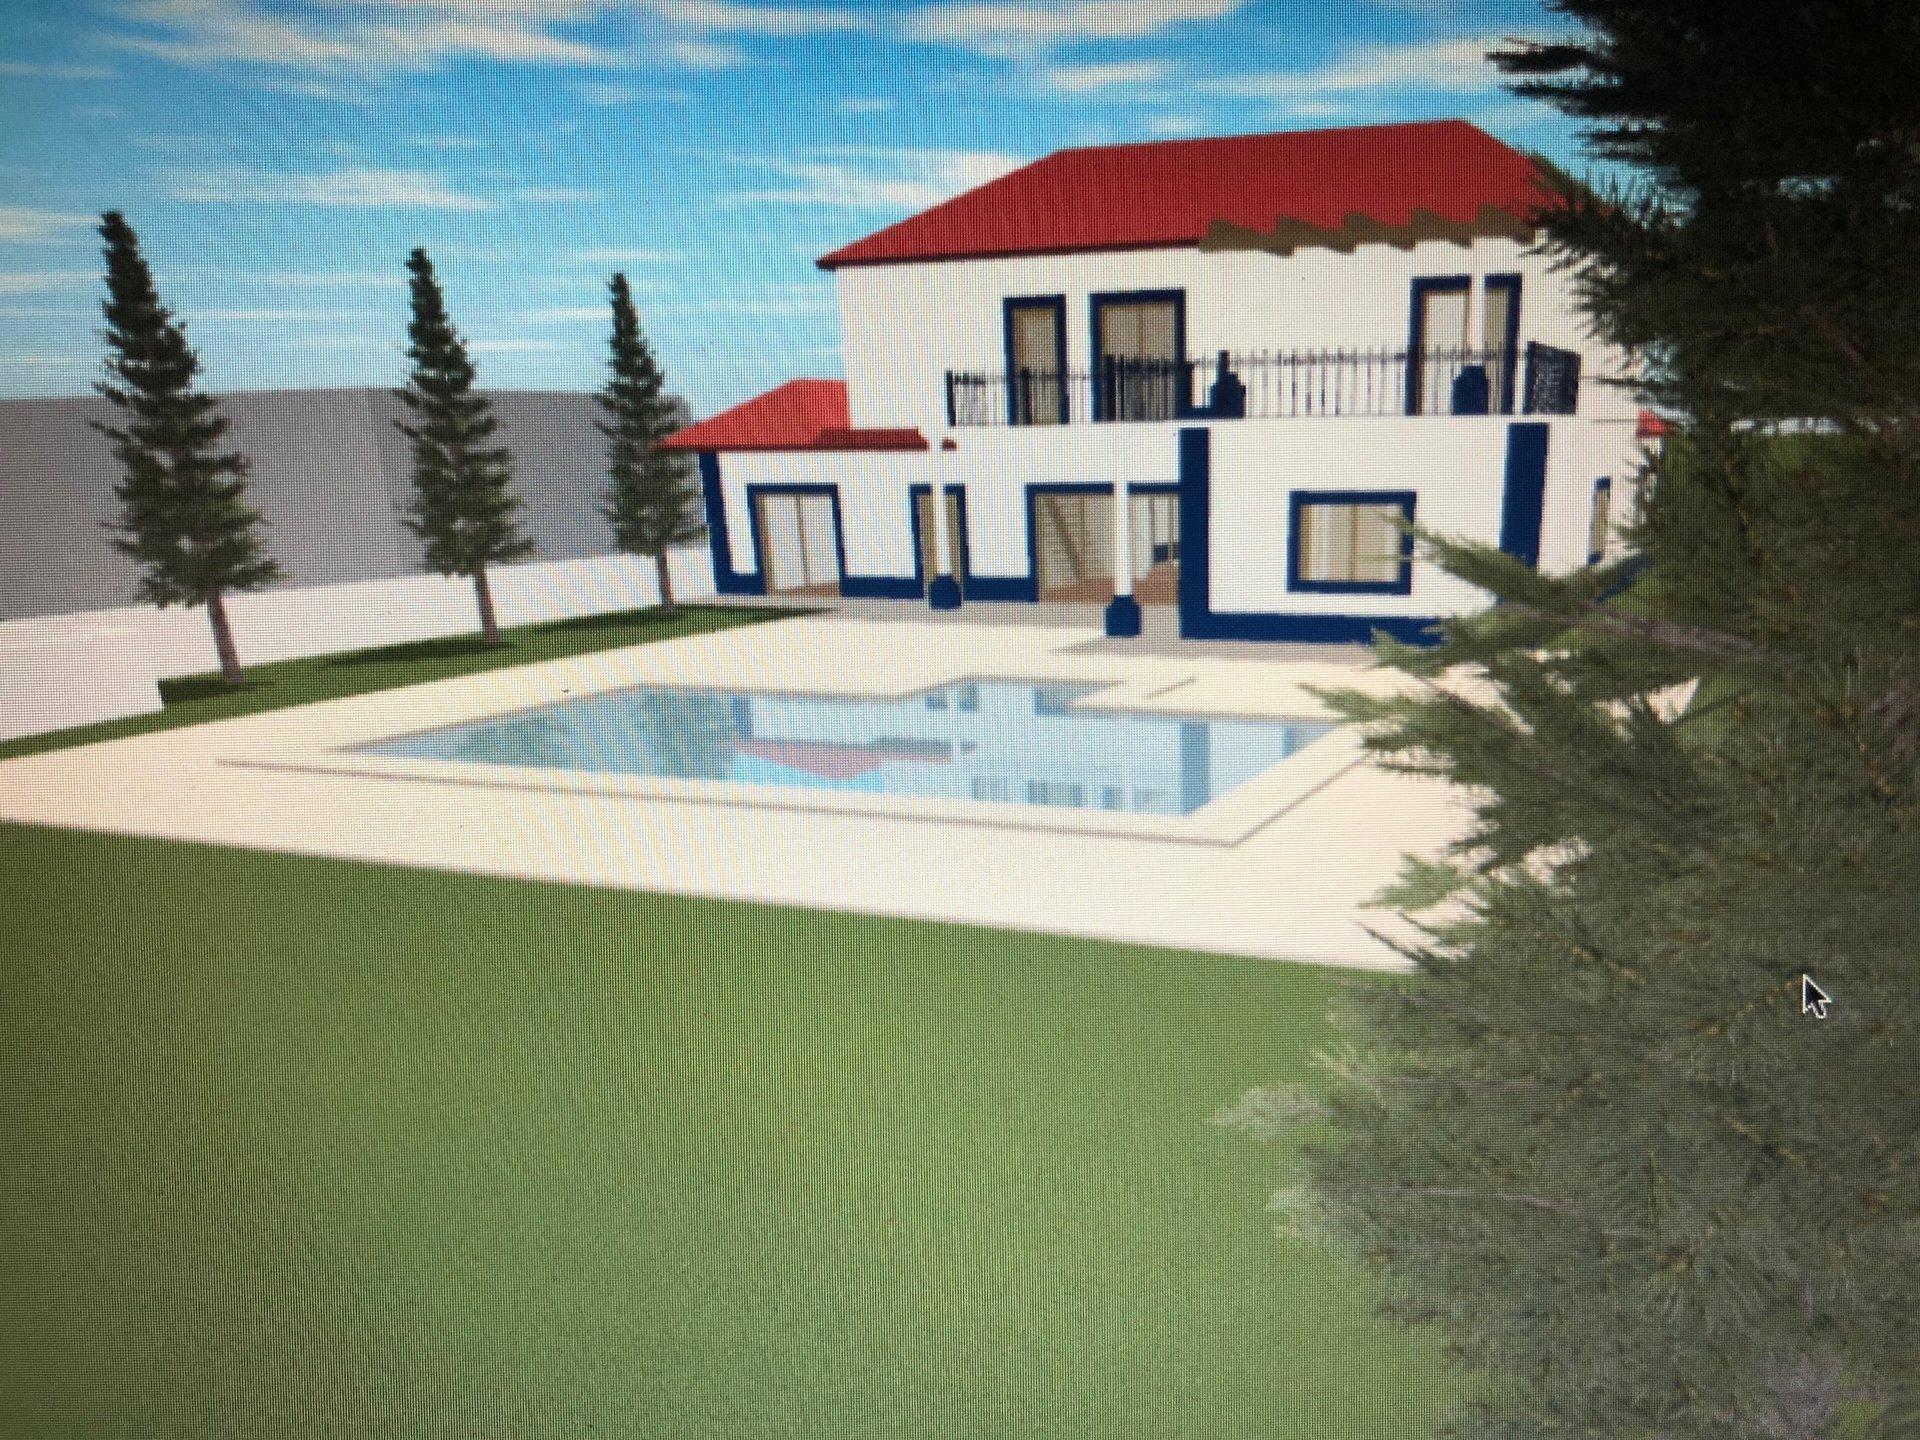 5 Bedroom Villa Caldas da Rainha, Silver Coast Ref: AV2132